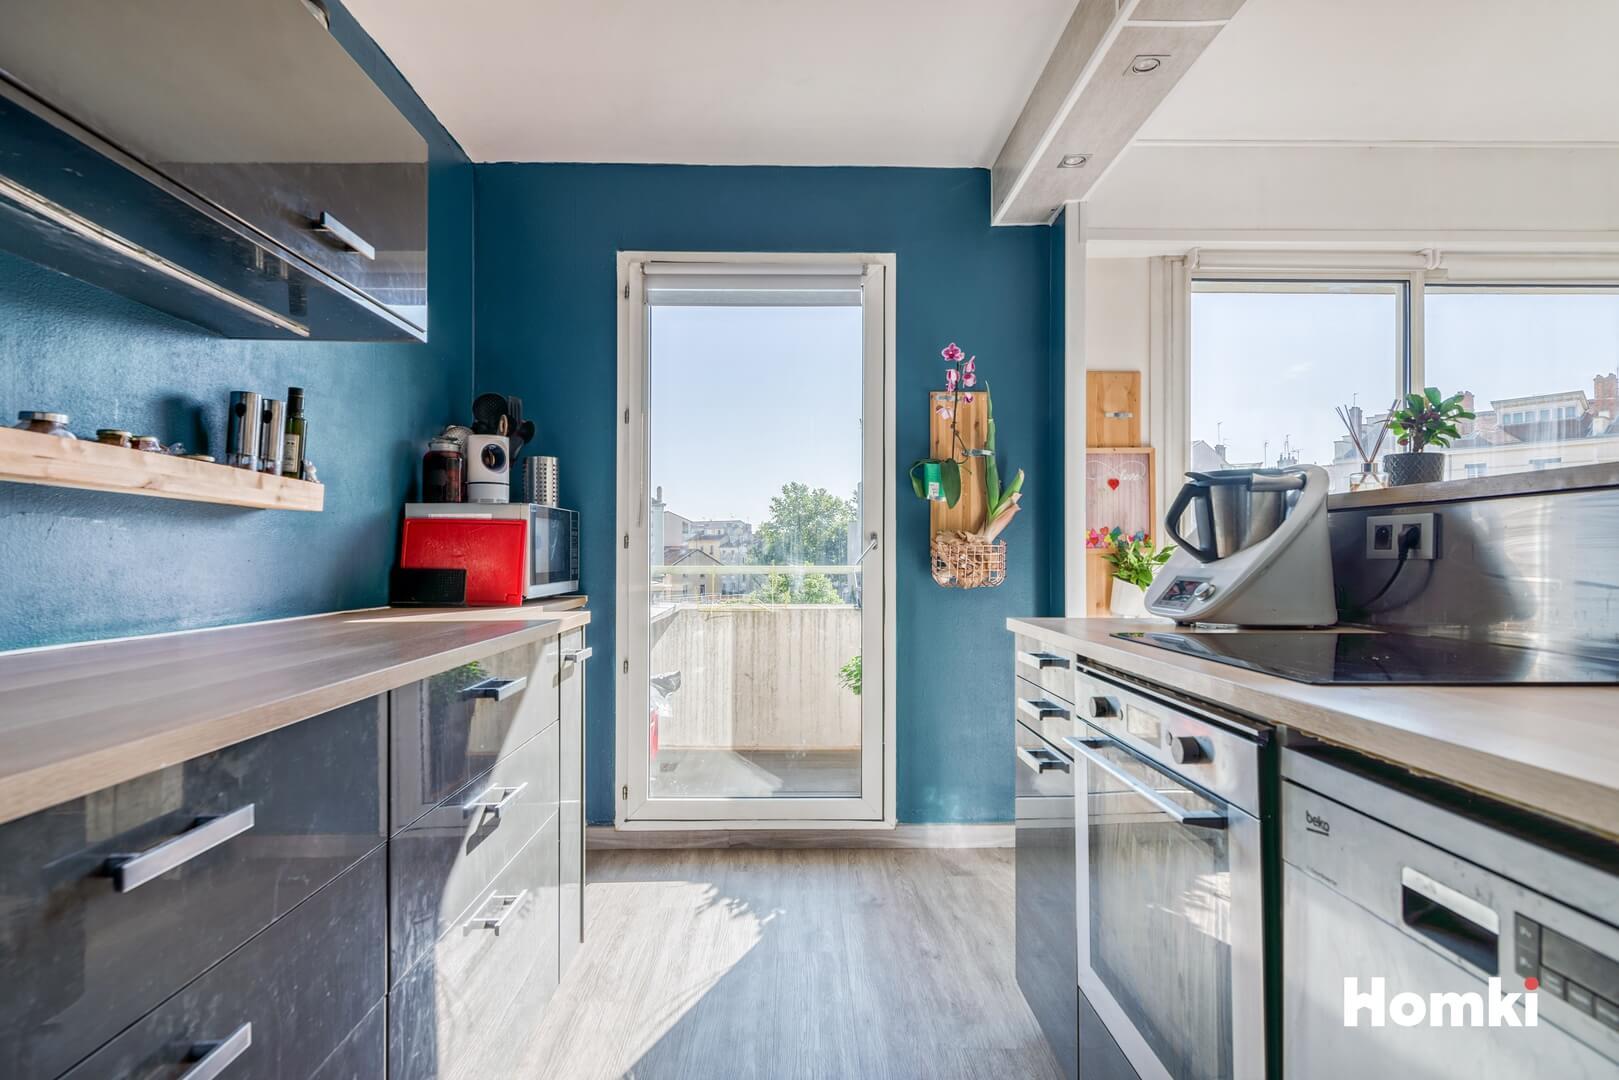 Homki - Vente Appartement  de 67.0 m² à Villeurbanne 69100